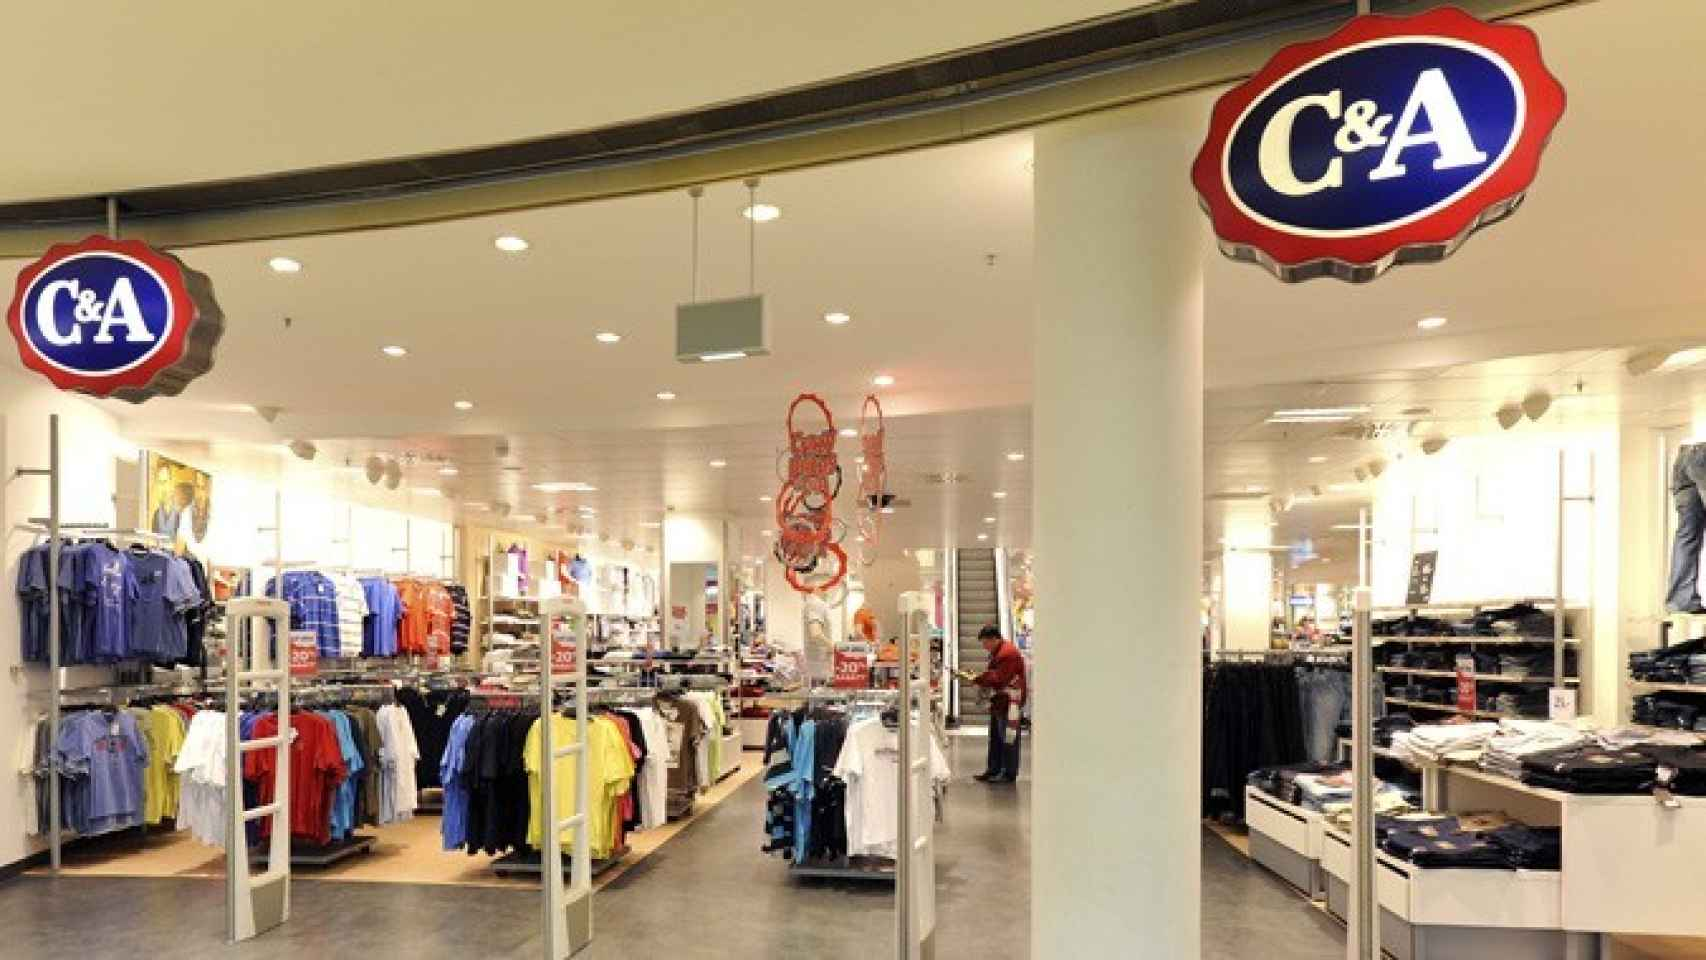 Una tienda de C&A, en una imagen de archivo.